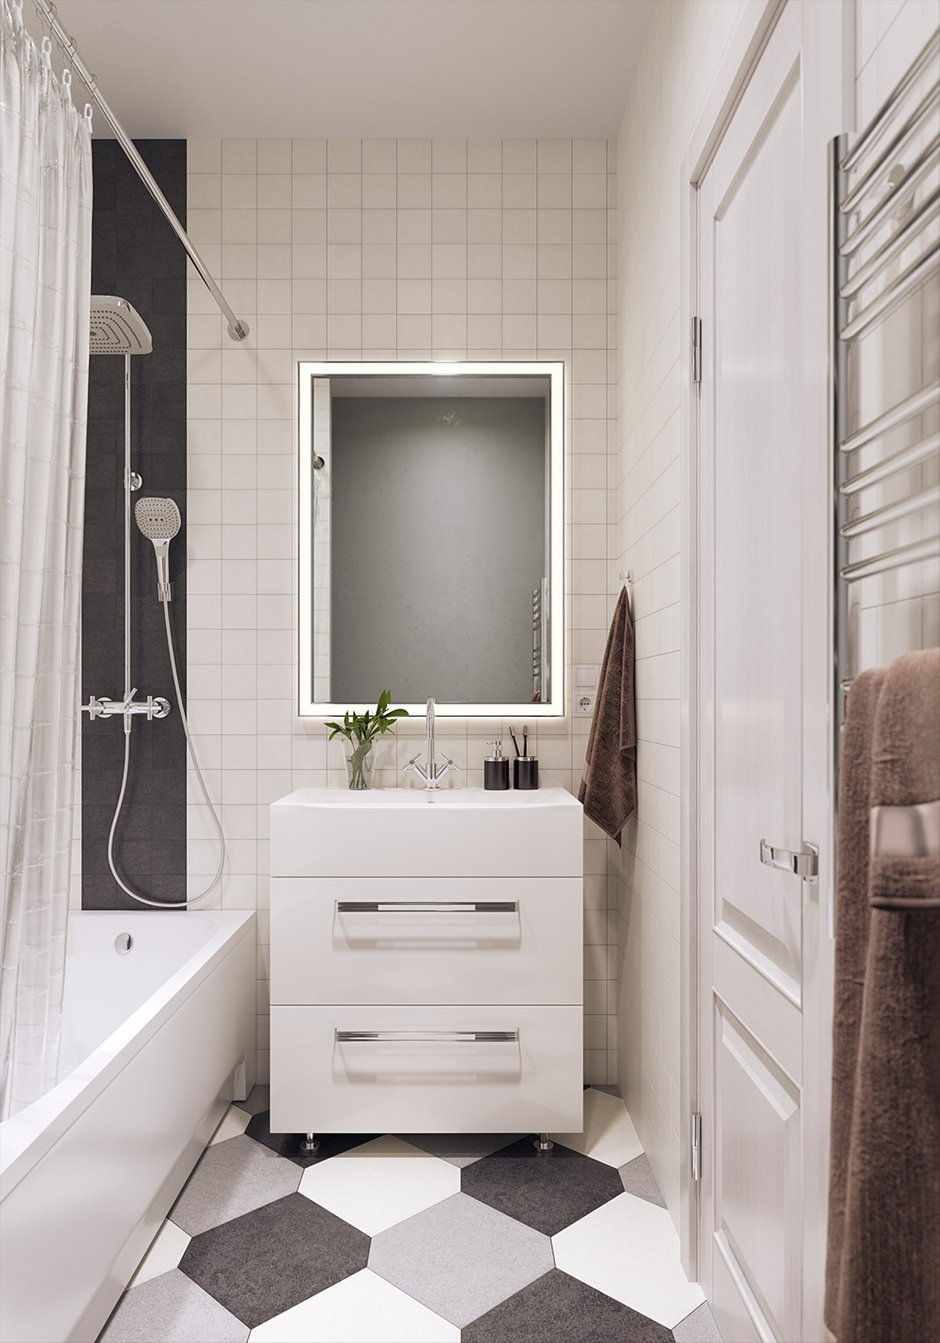 Фотография: Ванная в стиле Скандинавский, Квартира, Проект недели, Смоленск, Кирпичный дом, 1 комната, 40-60 метров, Анна Багрова – фото на INMYROOM